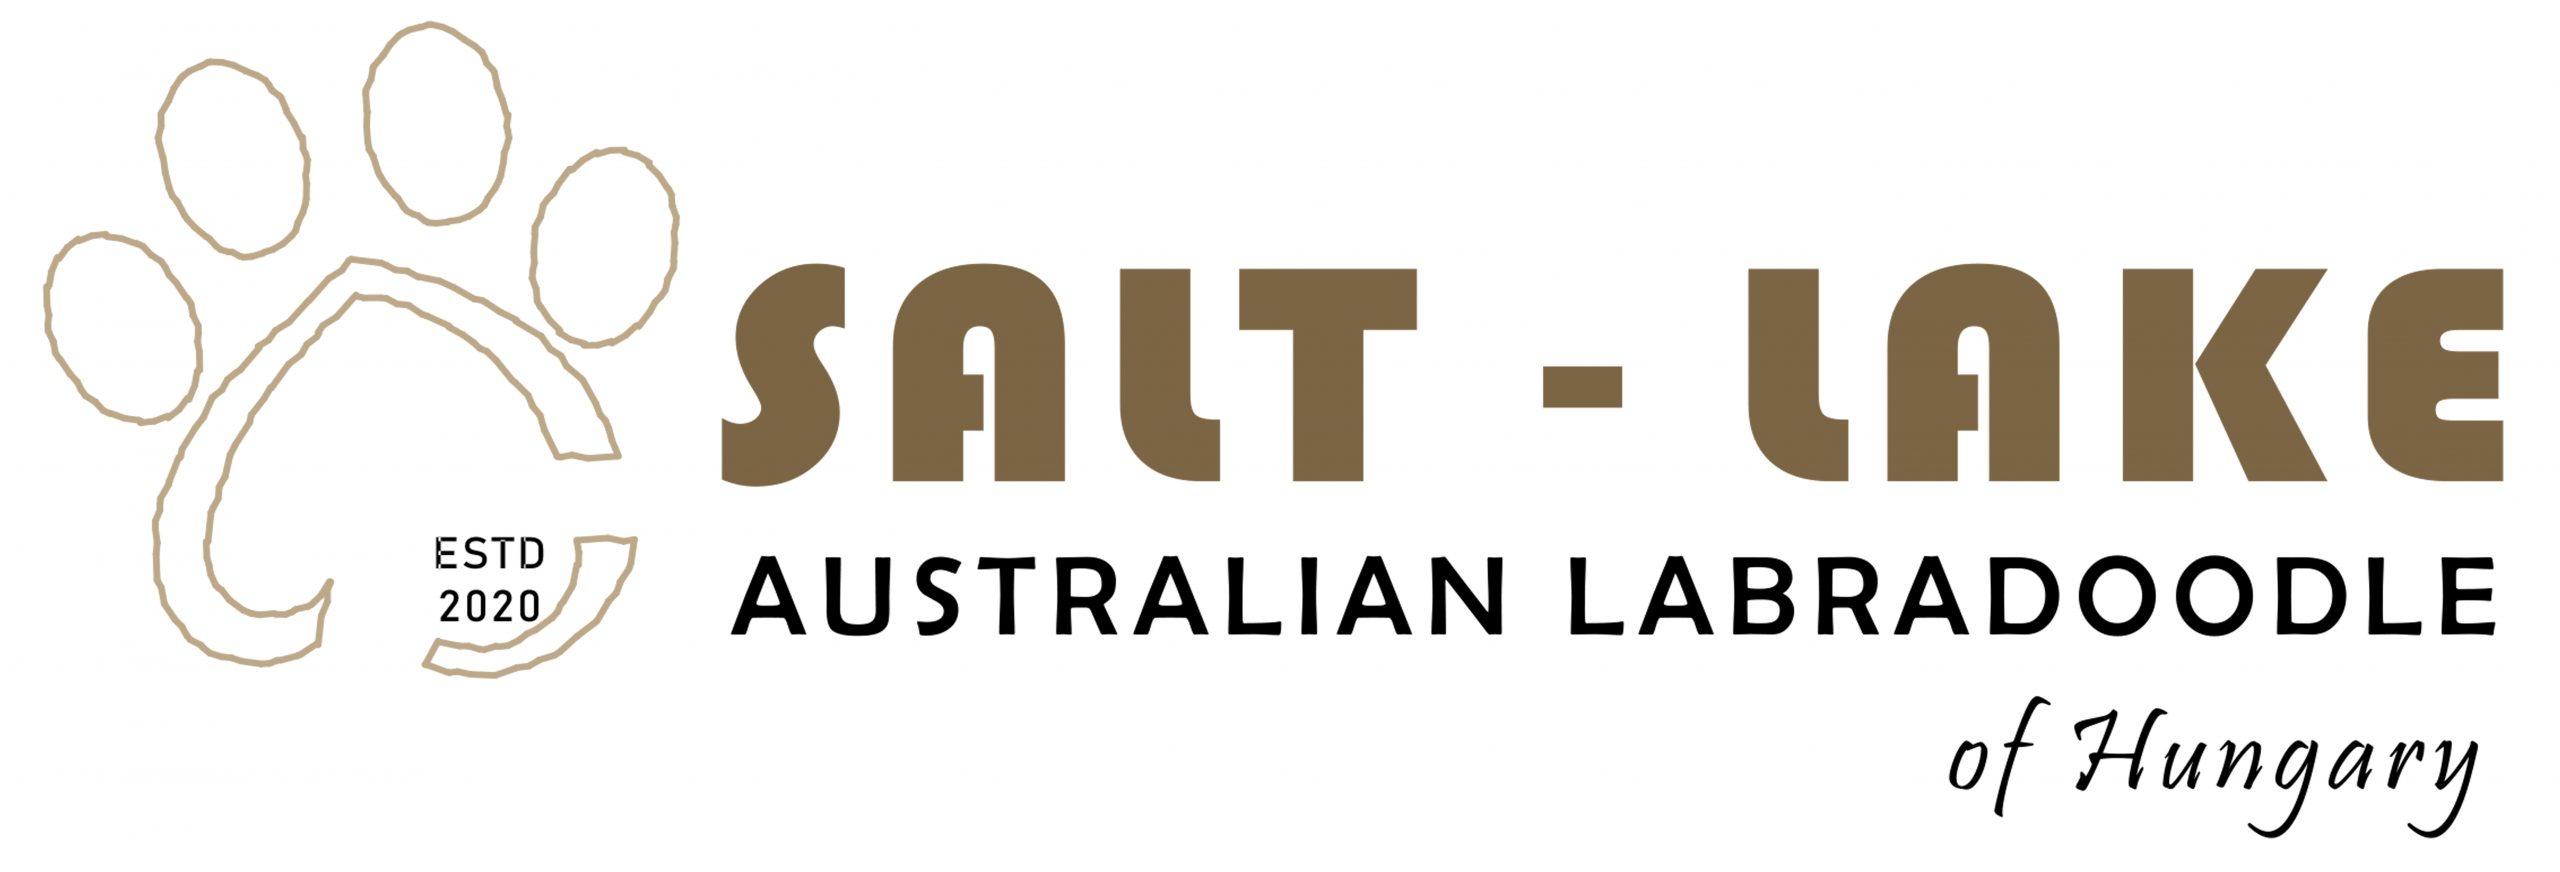 Salt-Lake Australian Labradoodle Magyarország